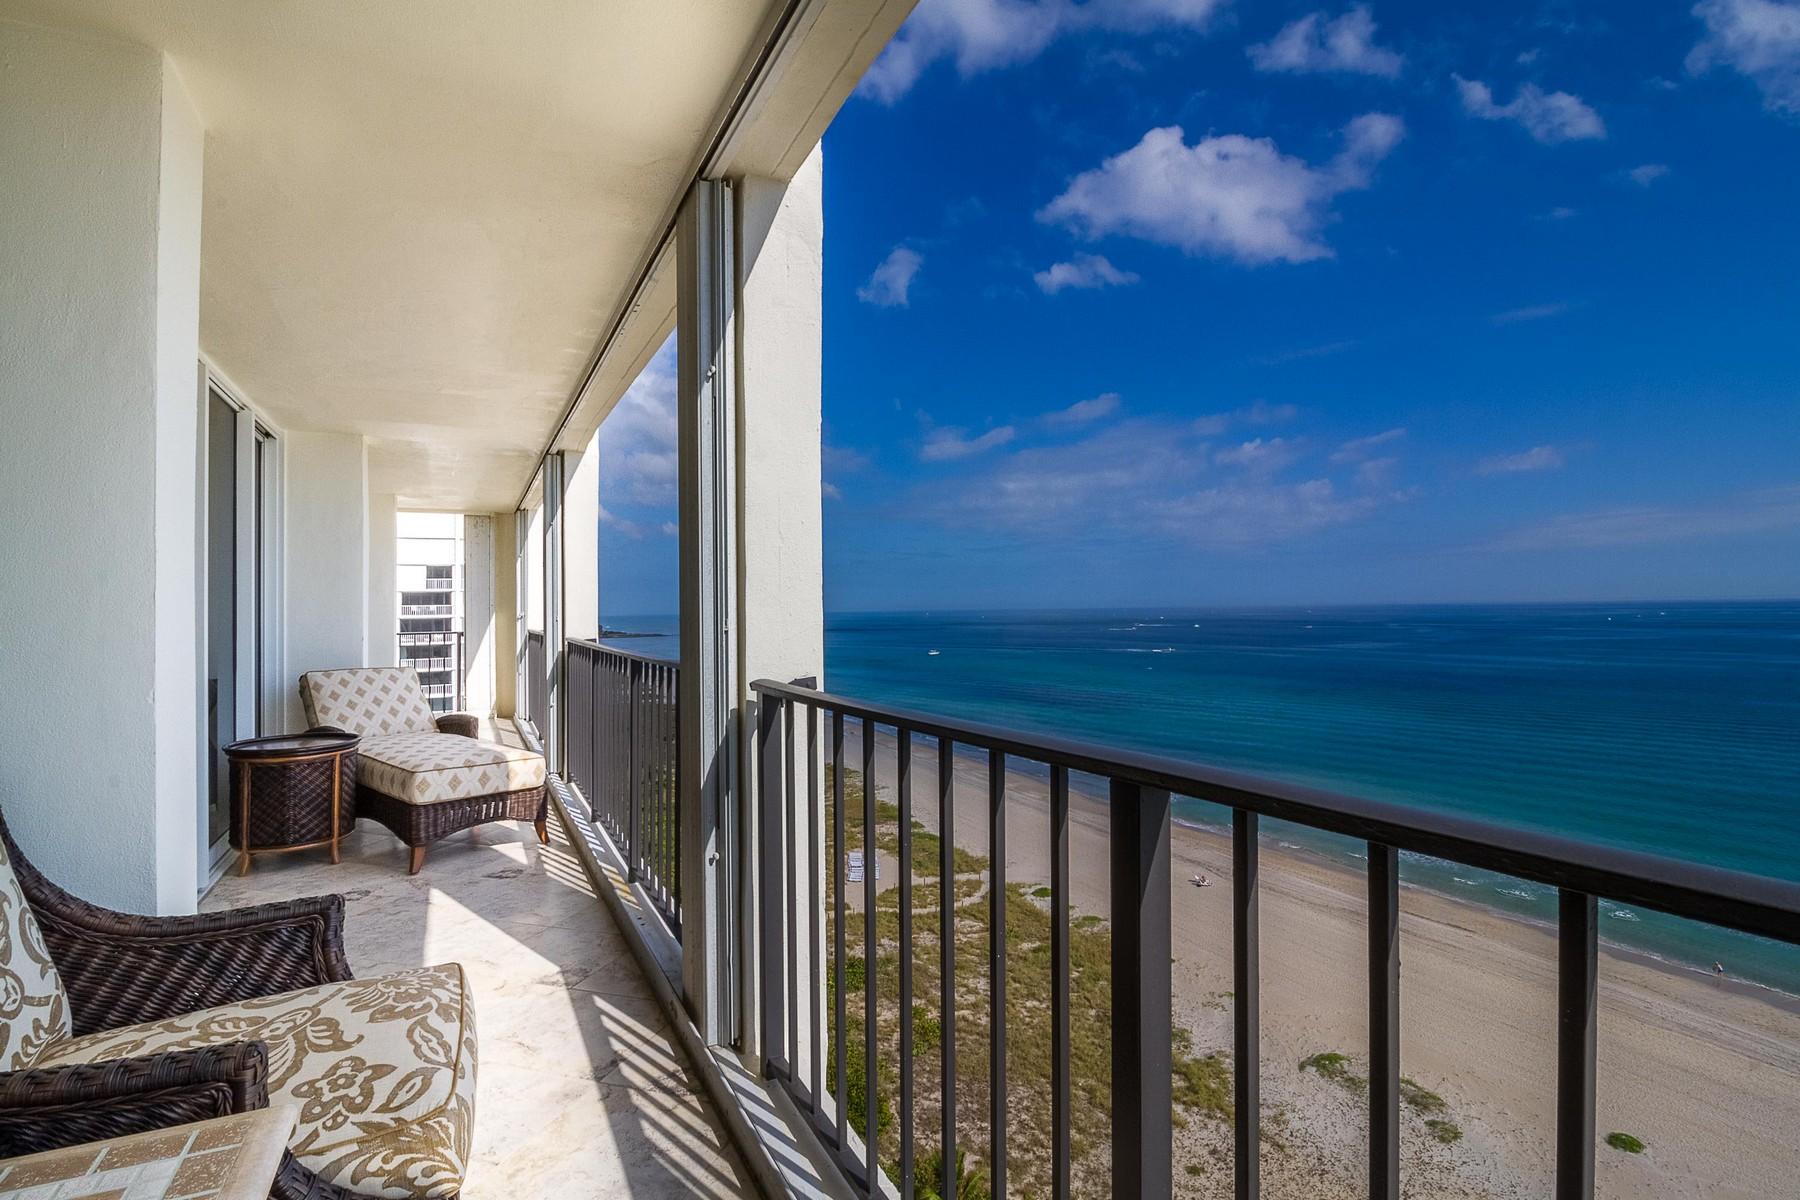 Condominio por un Venta en 2800 S Ocean Blvd , 14a, Boca Raton, FL 33432 2800 S Ocean Blvd 14a Boca Raton, Florida, 33432 Estados Unidos